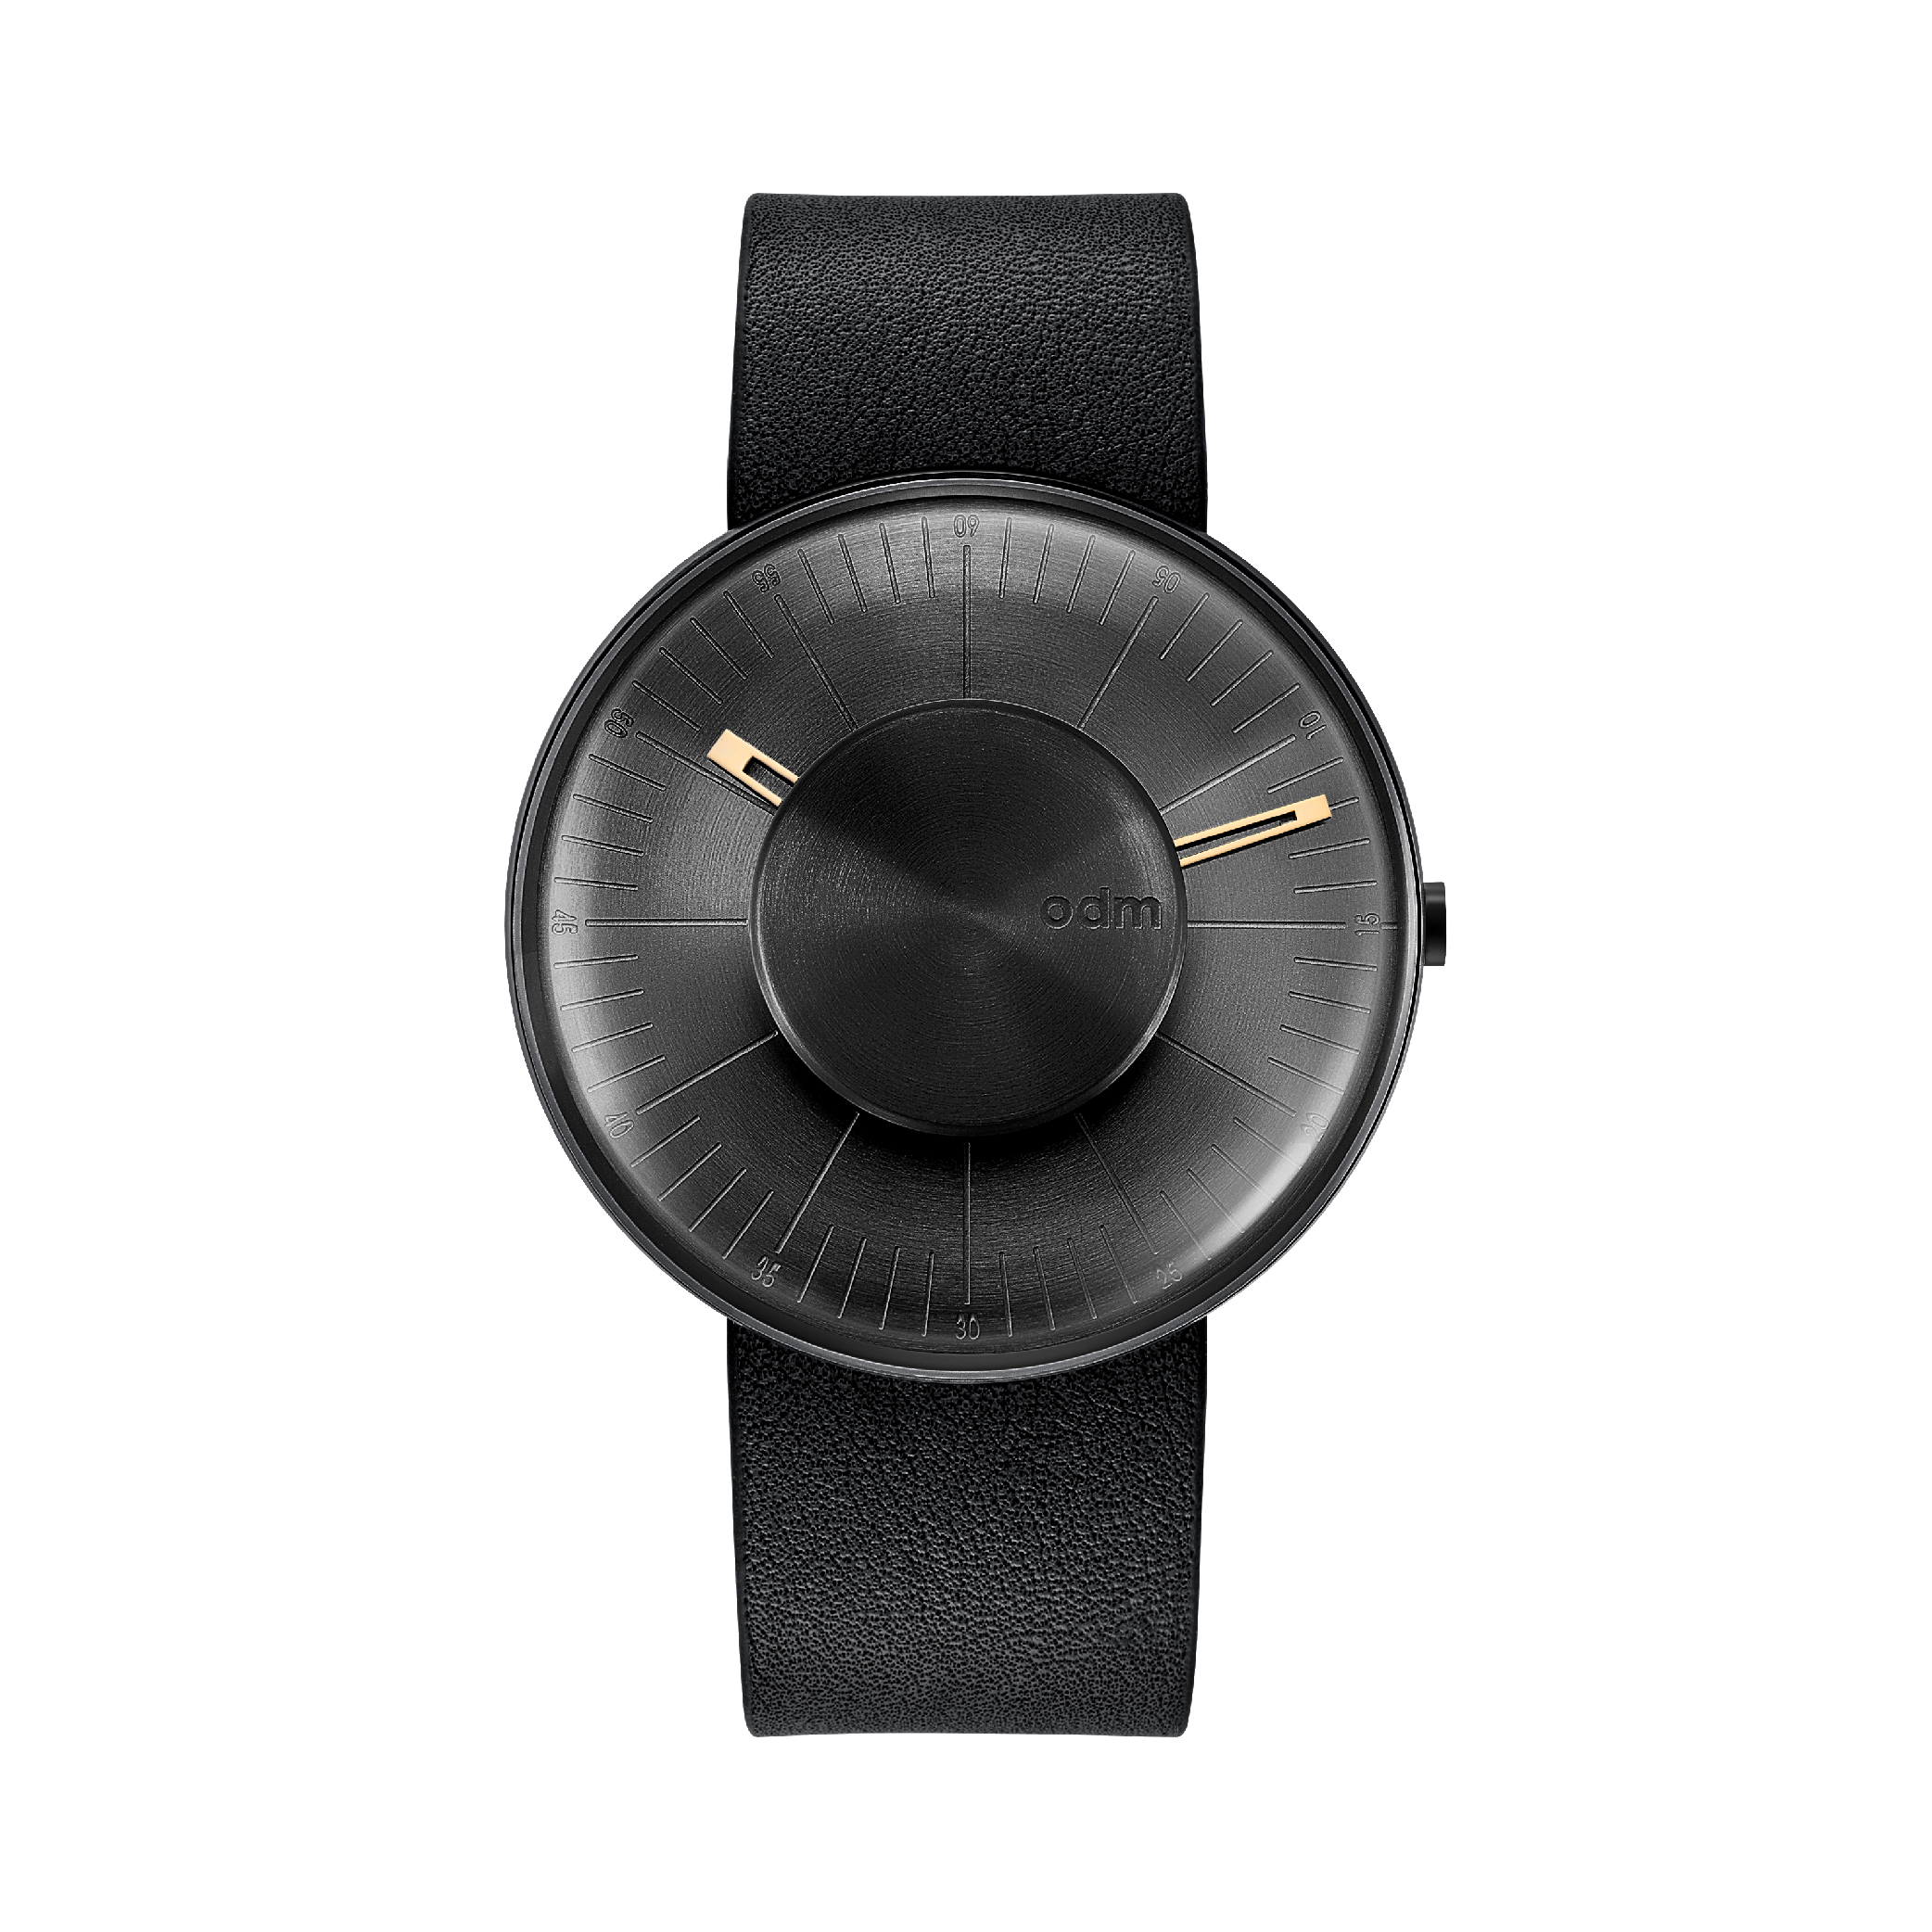 นาฬิกาข้อมือ ODM DD172-03